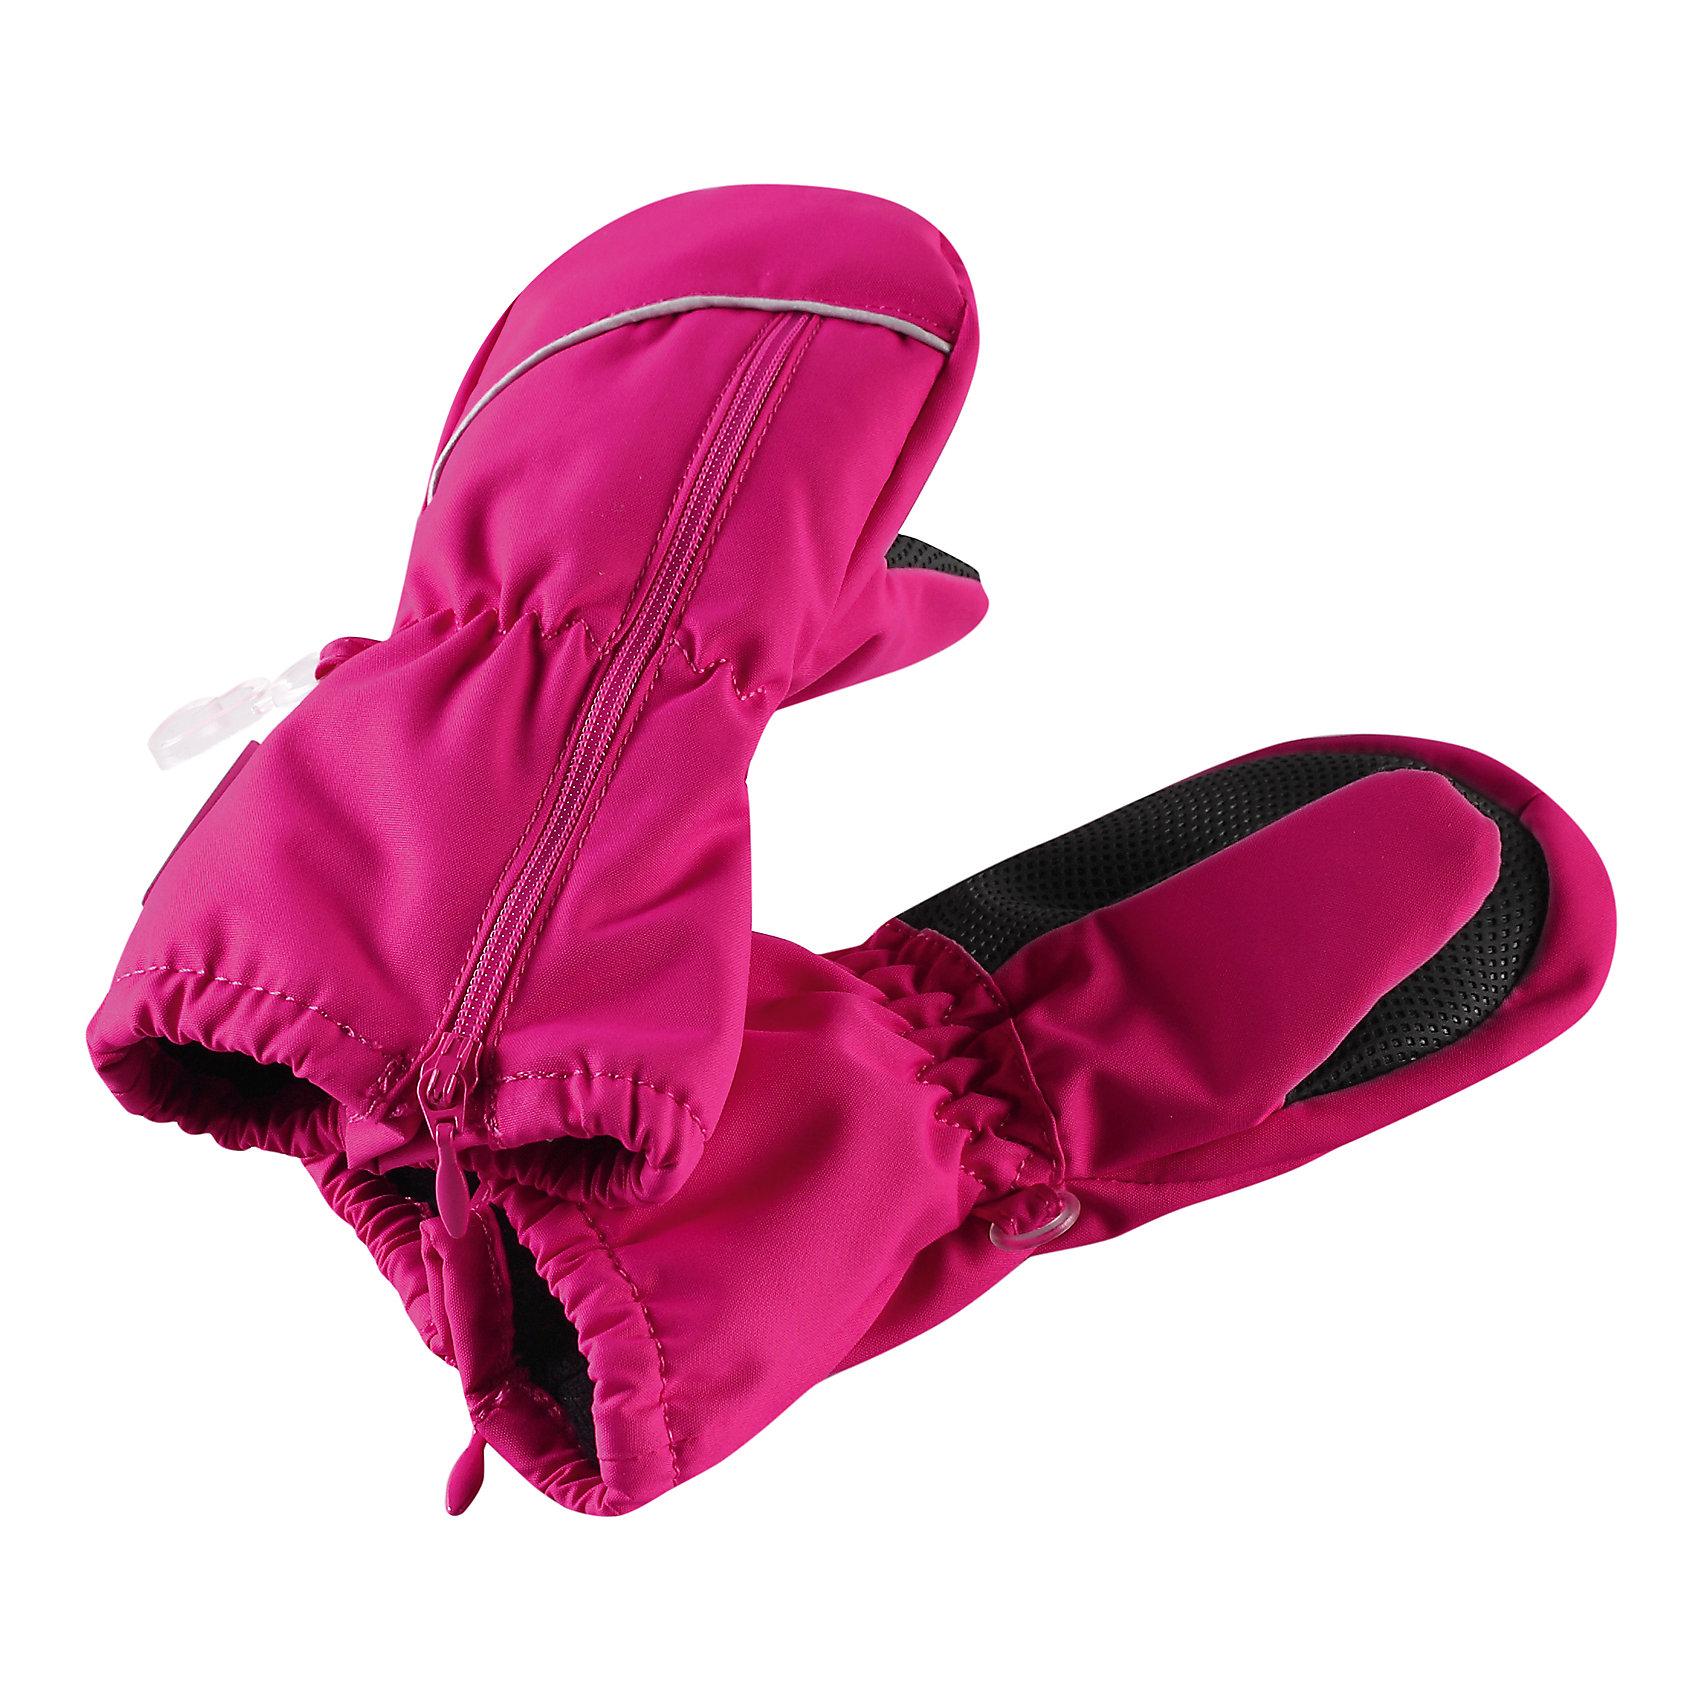 Варежки Litava для девочки ReimaХарактеристики товара:<br><br>• цвет: розовый<br>• состав: 100% полиэстер, полиуретановое покрытие<br>• температурный режим: от 0° до +10°С<br>• водонепроницаемость: 15000 мм<br>• воздухопроницаемость: 5000 мм<br>• износостойкость: 40000 (тест Мартиндейла)<br>• без утеплителя<br>• полностью водонепроницаемые и дышащие благодаря внутренней вставке из материала Hipora<br>• износостойкий материал<br>• ветронепроницаемый, водо- и грязеотталкивающий материал<br>• водонепроницаемая вставка<br>• усиление на ладони и большом пальце<br>• трикотажная подкладка из полиэстера с начёсом<br>• можно сушить в сушильном шкафу<br>• молния облегчает надевание<br>• эмблема Reima сбоку<br>• светоотражающие детали<br>• страна производства: Китай<br>• страна бренда: Финляндия<br>• коллекция: весна-лето 2017<br><br>Reima представляет новые варежки для детей. Они помогут обеспечить ребенку комфорт и дополнить наряд. Варежки отлично смотрятся с различной одеждой. Изделия удобно сидят и модно выглядят, в их основе - водо- и ветронепроницаемый грязеотталкивающий материал. Просты в уходе, долго служат. Стильный дизайн разрабатывался специально для детей.<br><br>Одежда и обувь от финского бренда Reima пользуется популярностью во многих странах. Эти изделия стильные, качественные и удобные. Для производства продукции используются только безопасные, проверенные материалы и фурнитура. Порадуйте ребенка модными и красивыми вещами от Reima! <br><br>Варежки для мальчика от финского бренда Reima (Рейма) можно купить в нашем интернет-магазине.<br><br>Ширина мм: 162<br>Глубина мм: 171<br>Высота мм: 55<br>Вес г: 119<br>Цвет: розовый<br>Возраст от месяцев: 12<br>Возраст до месяцев: 24<br>Пол: Женский<br>Возраст: Детский<br>Размер: 2,1,3<br>SKU: 5271164